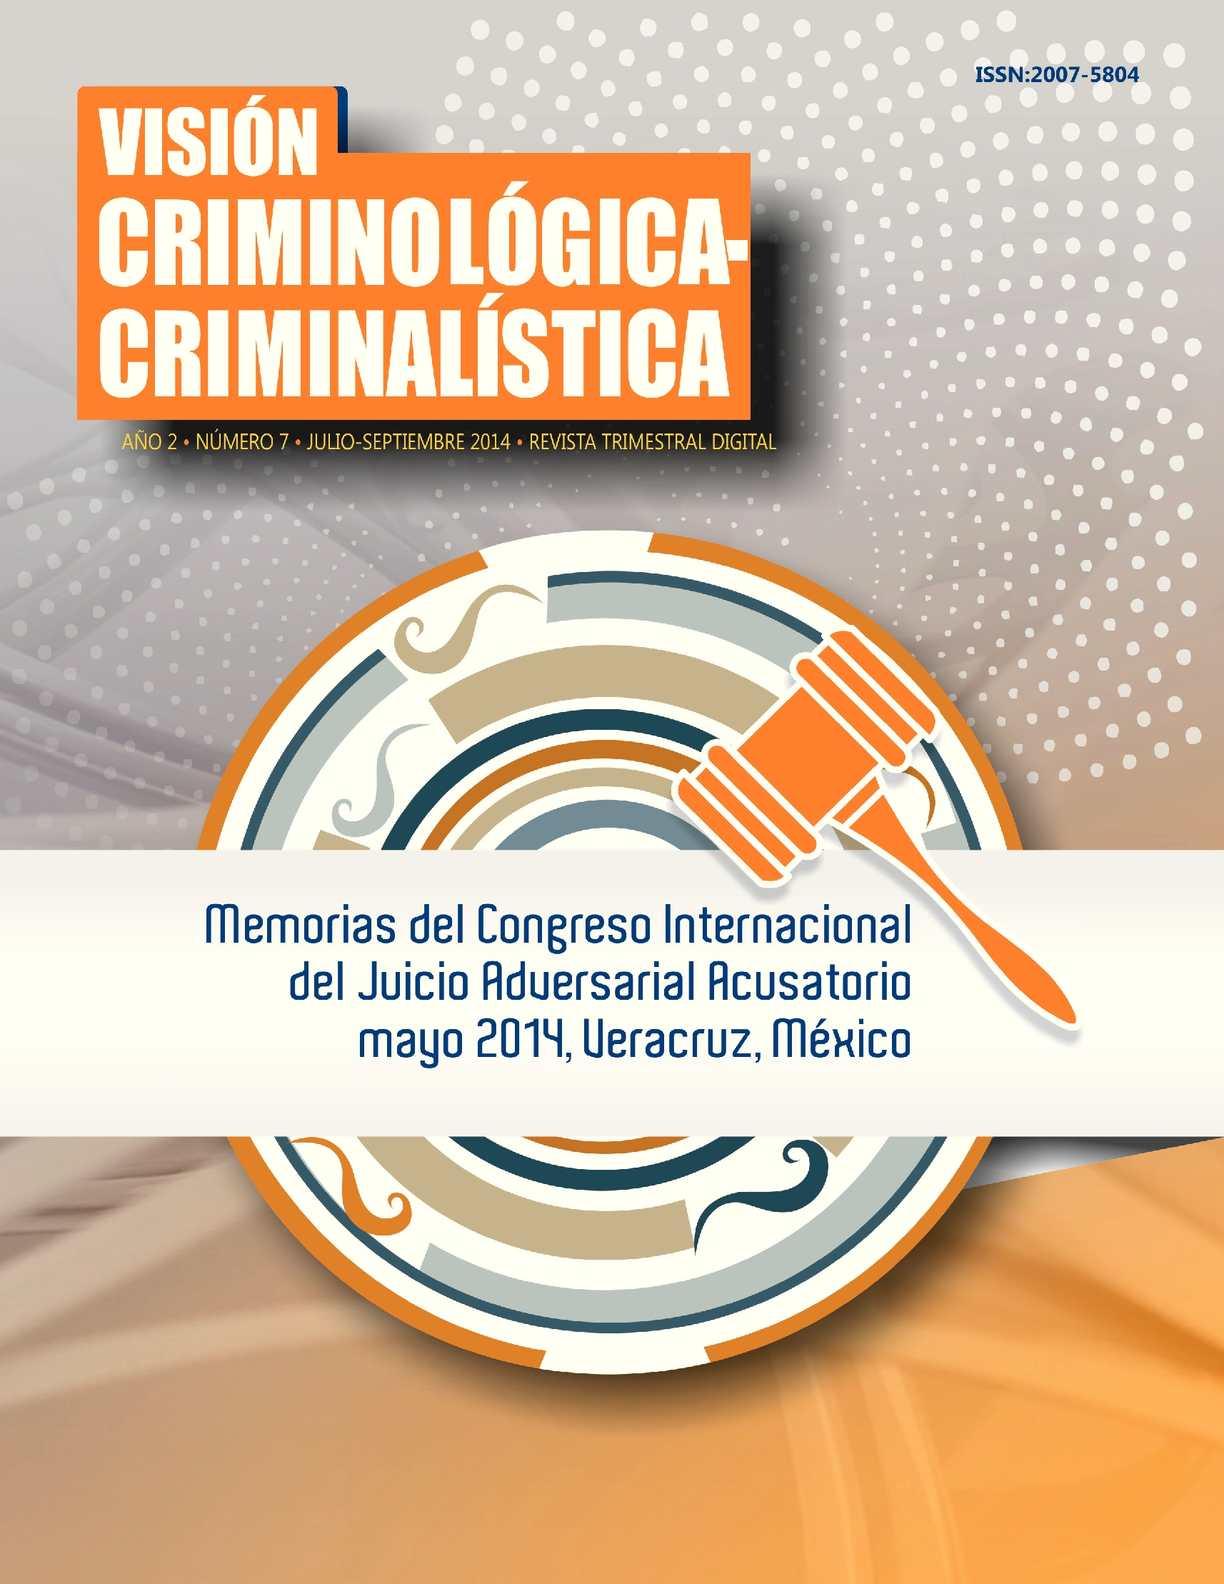 Calaméo - Memorias del Congreso Internacional del Juicio Adversarial  Acusatorio 6d7048cfd5b